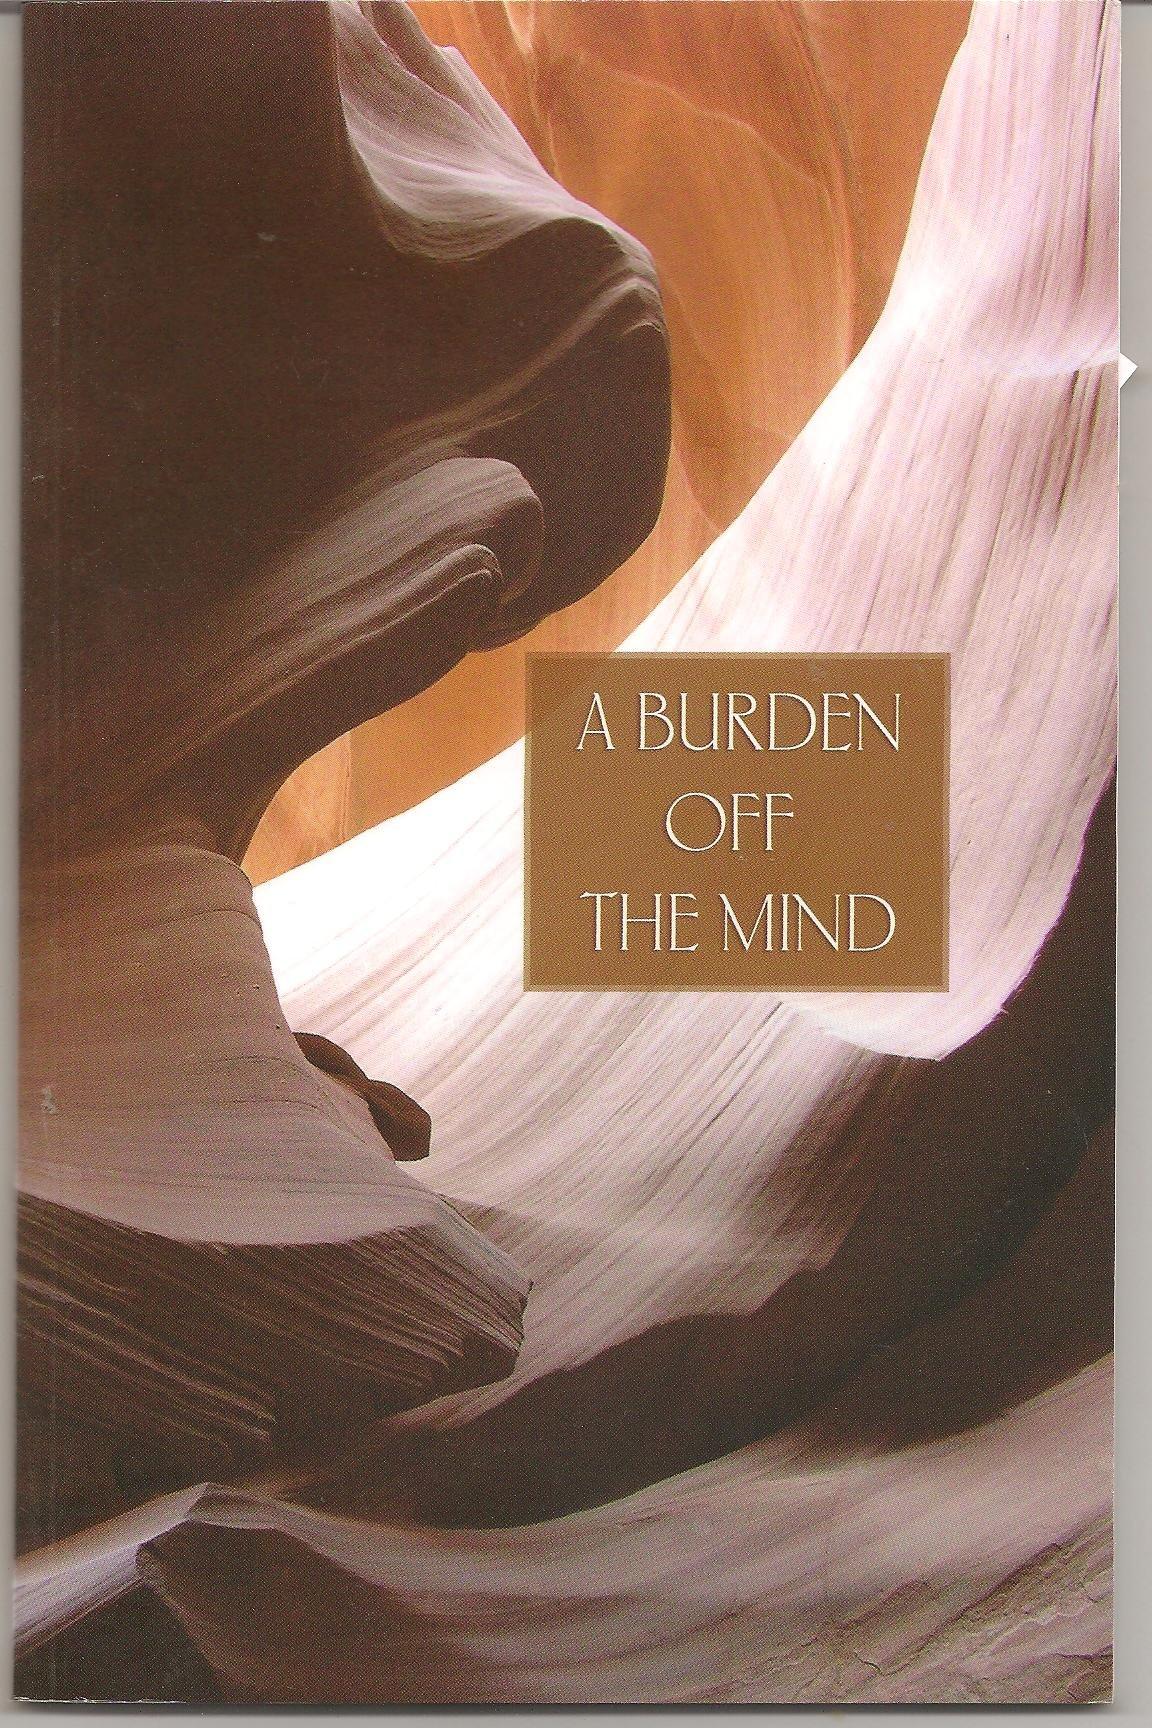 Than Burden Off cover art